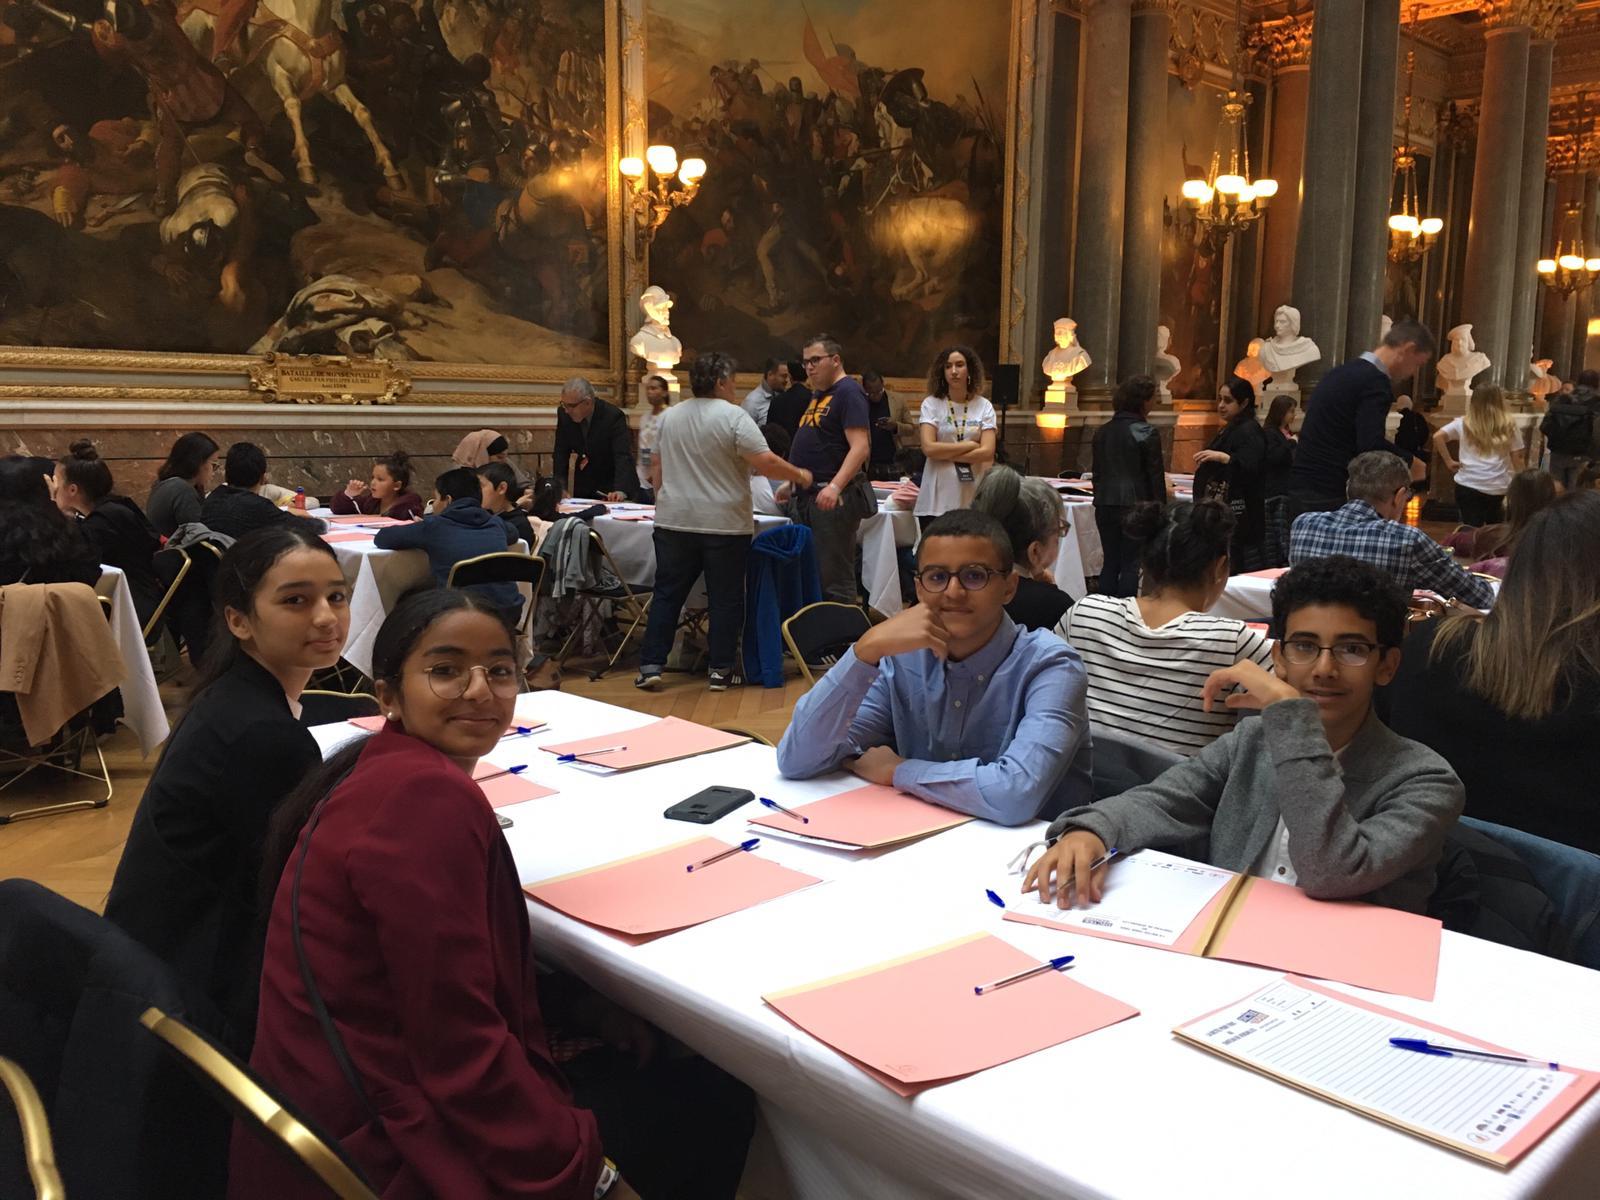 collège lycée Ibn Khaldoun au château de Versailles